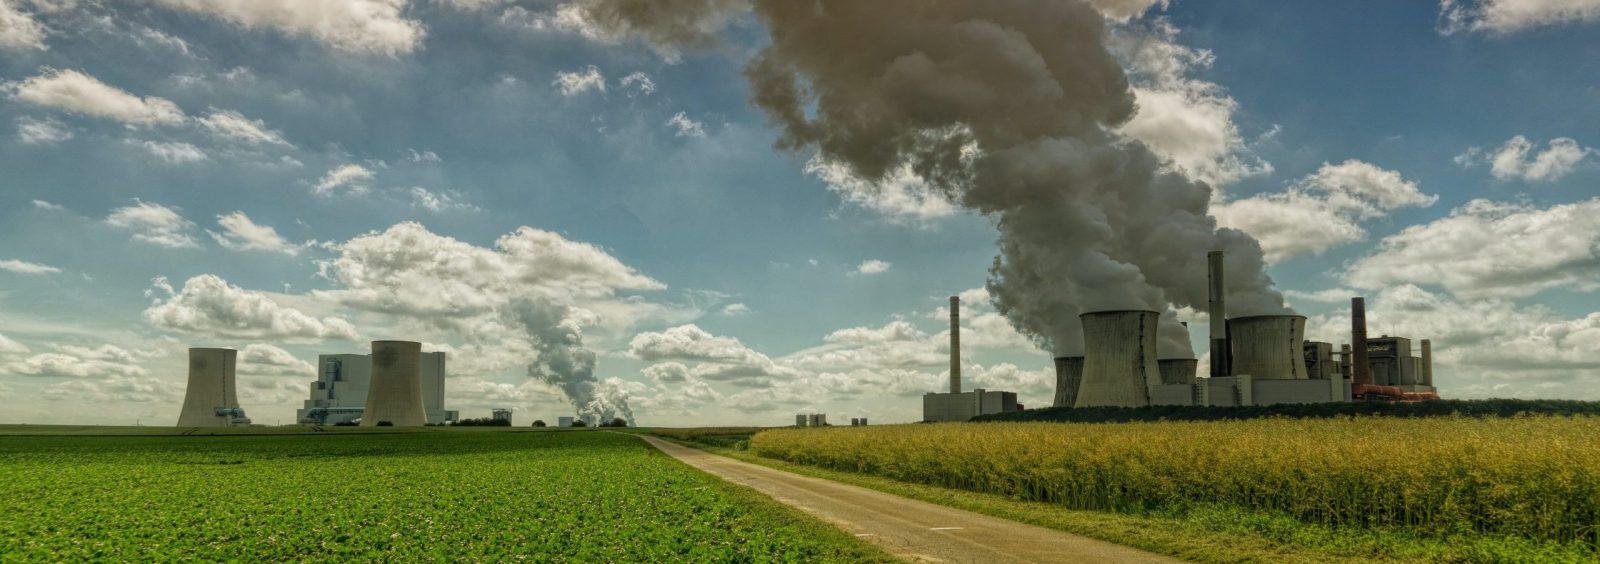 les émissions de CO2 responsables du réchauffement climatique